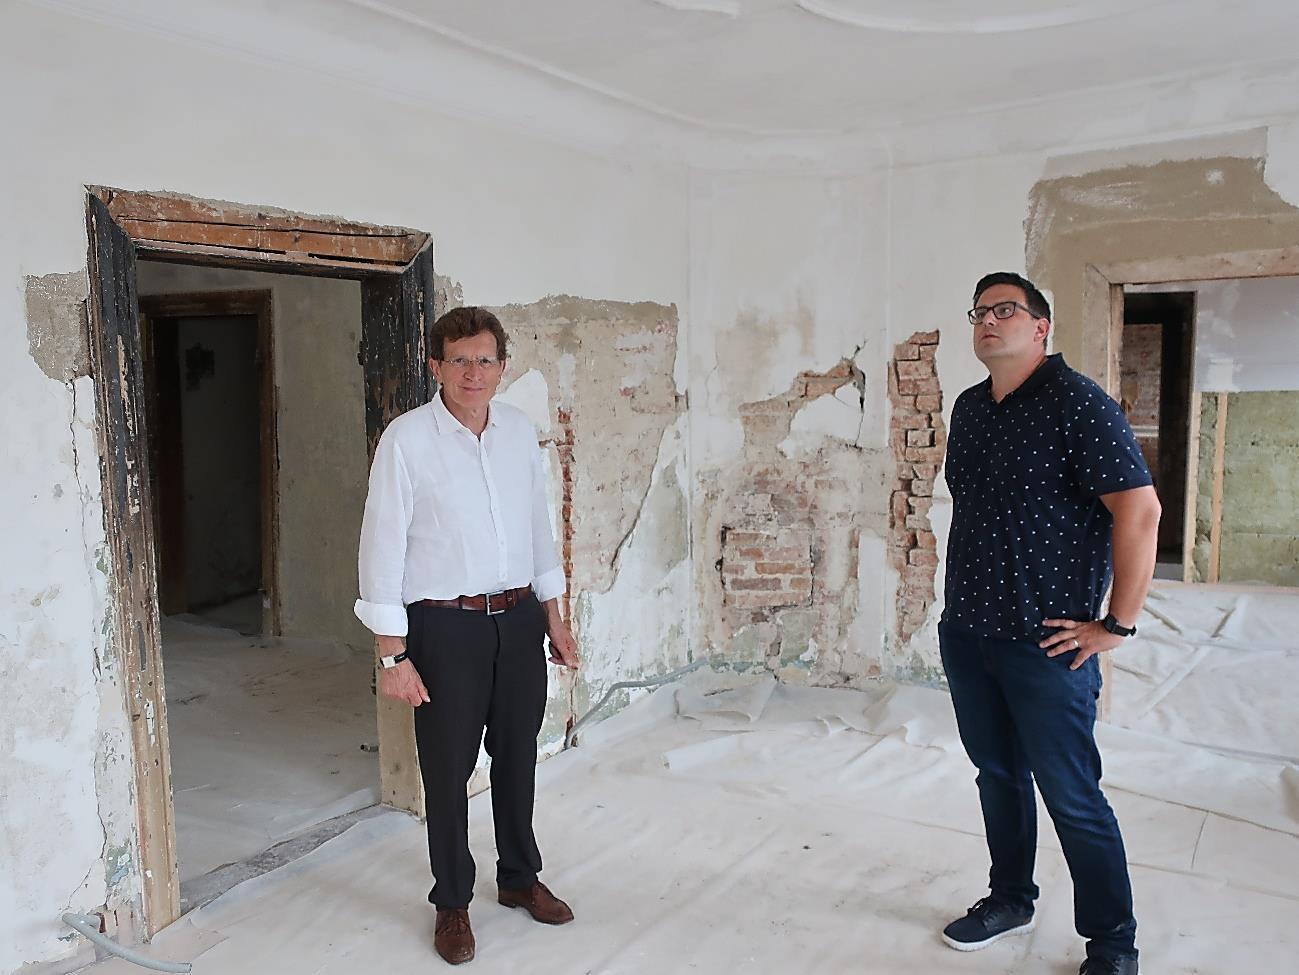 Unterstützung beim Wiederaufbau des Mansardengebäudes in Emersacker